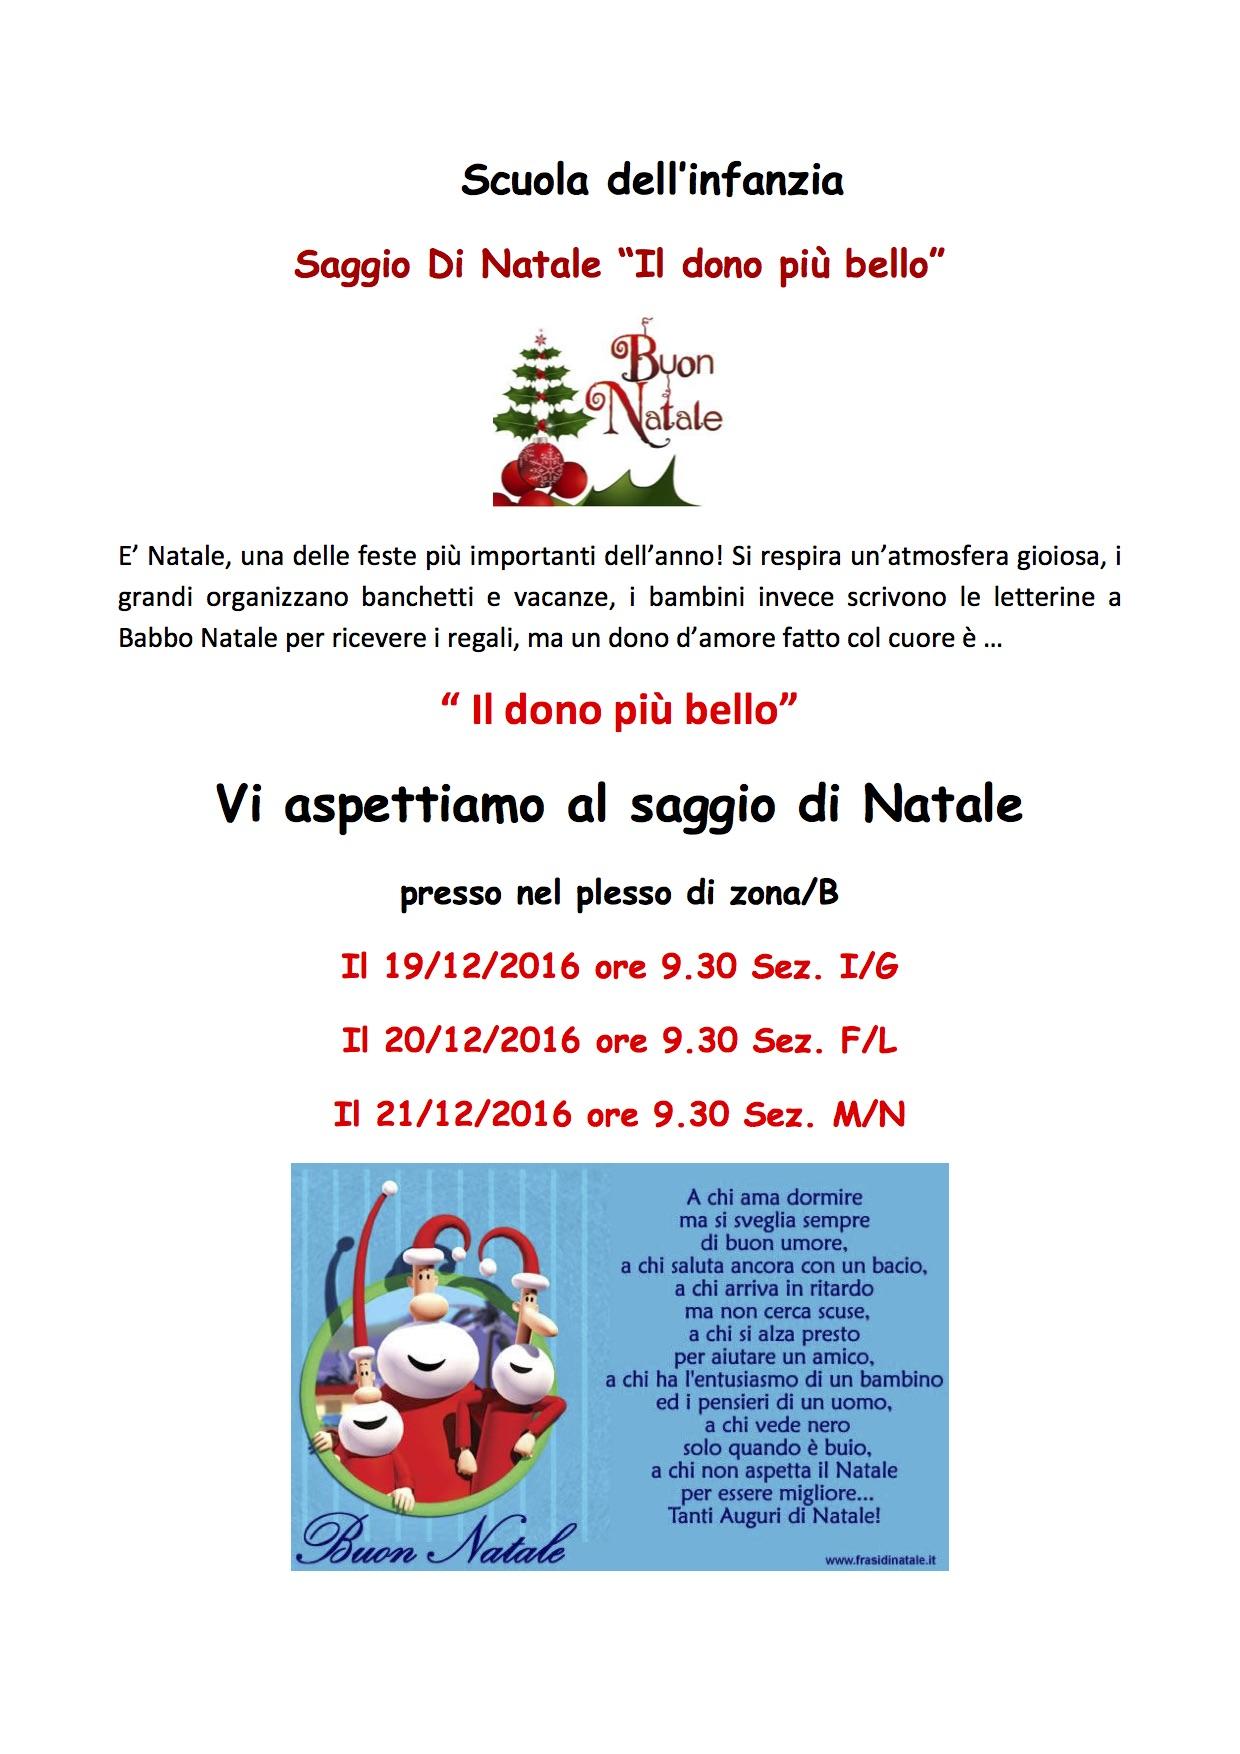 Invito Natale 2016 Zona B